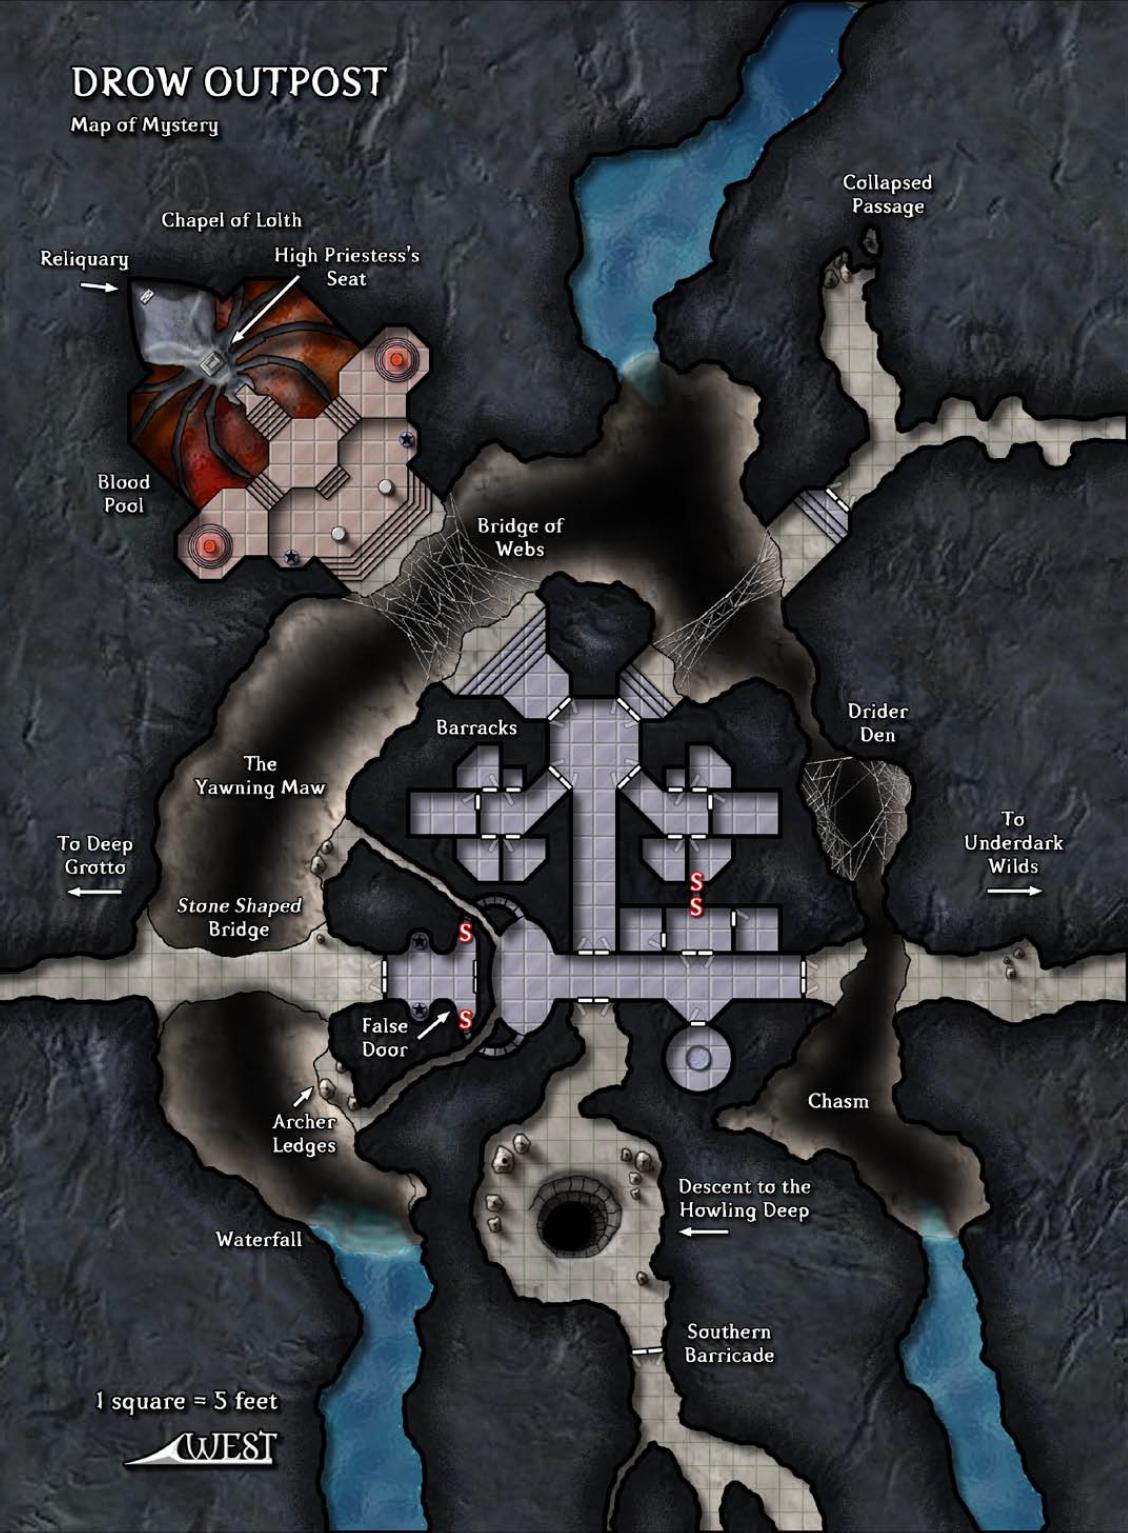 Underdark Map : underdark, Outpost, Underdark, River, Fantasy, World, Dungeons, Dragons, Homebrew